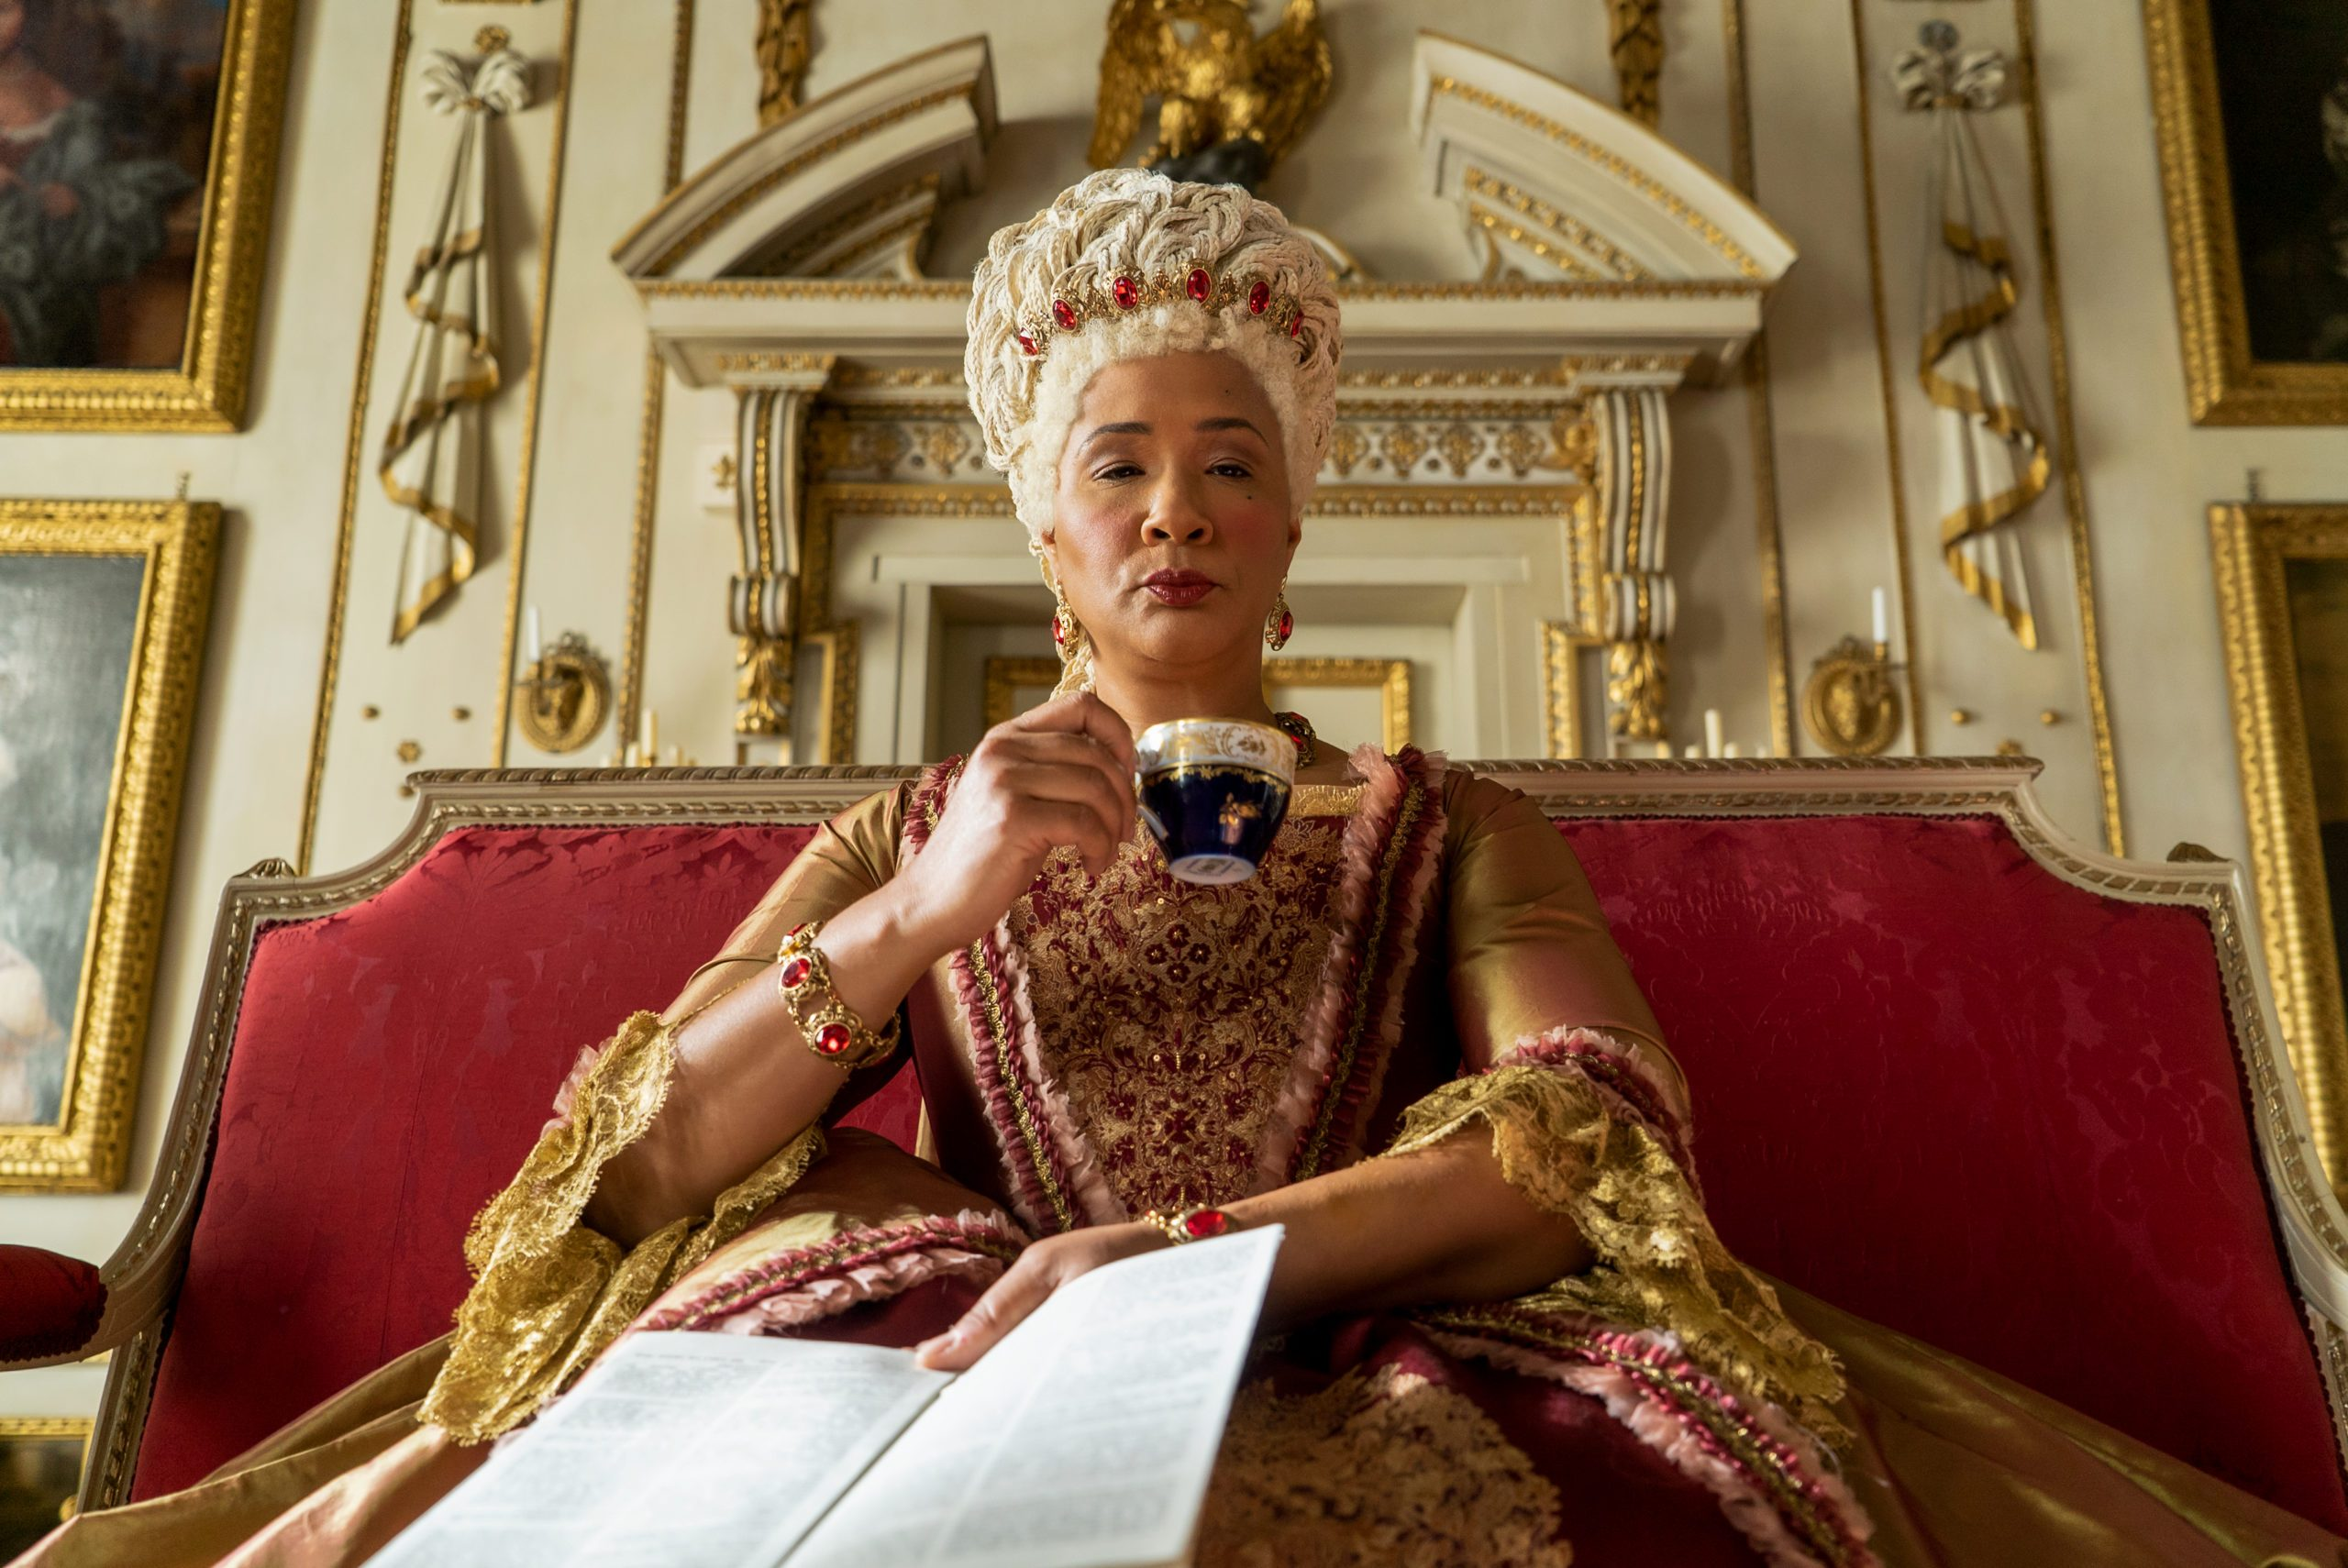 Queen Charlotte in the Netflix show, Bridgerton